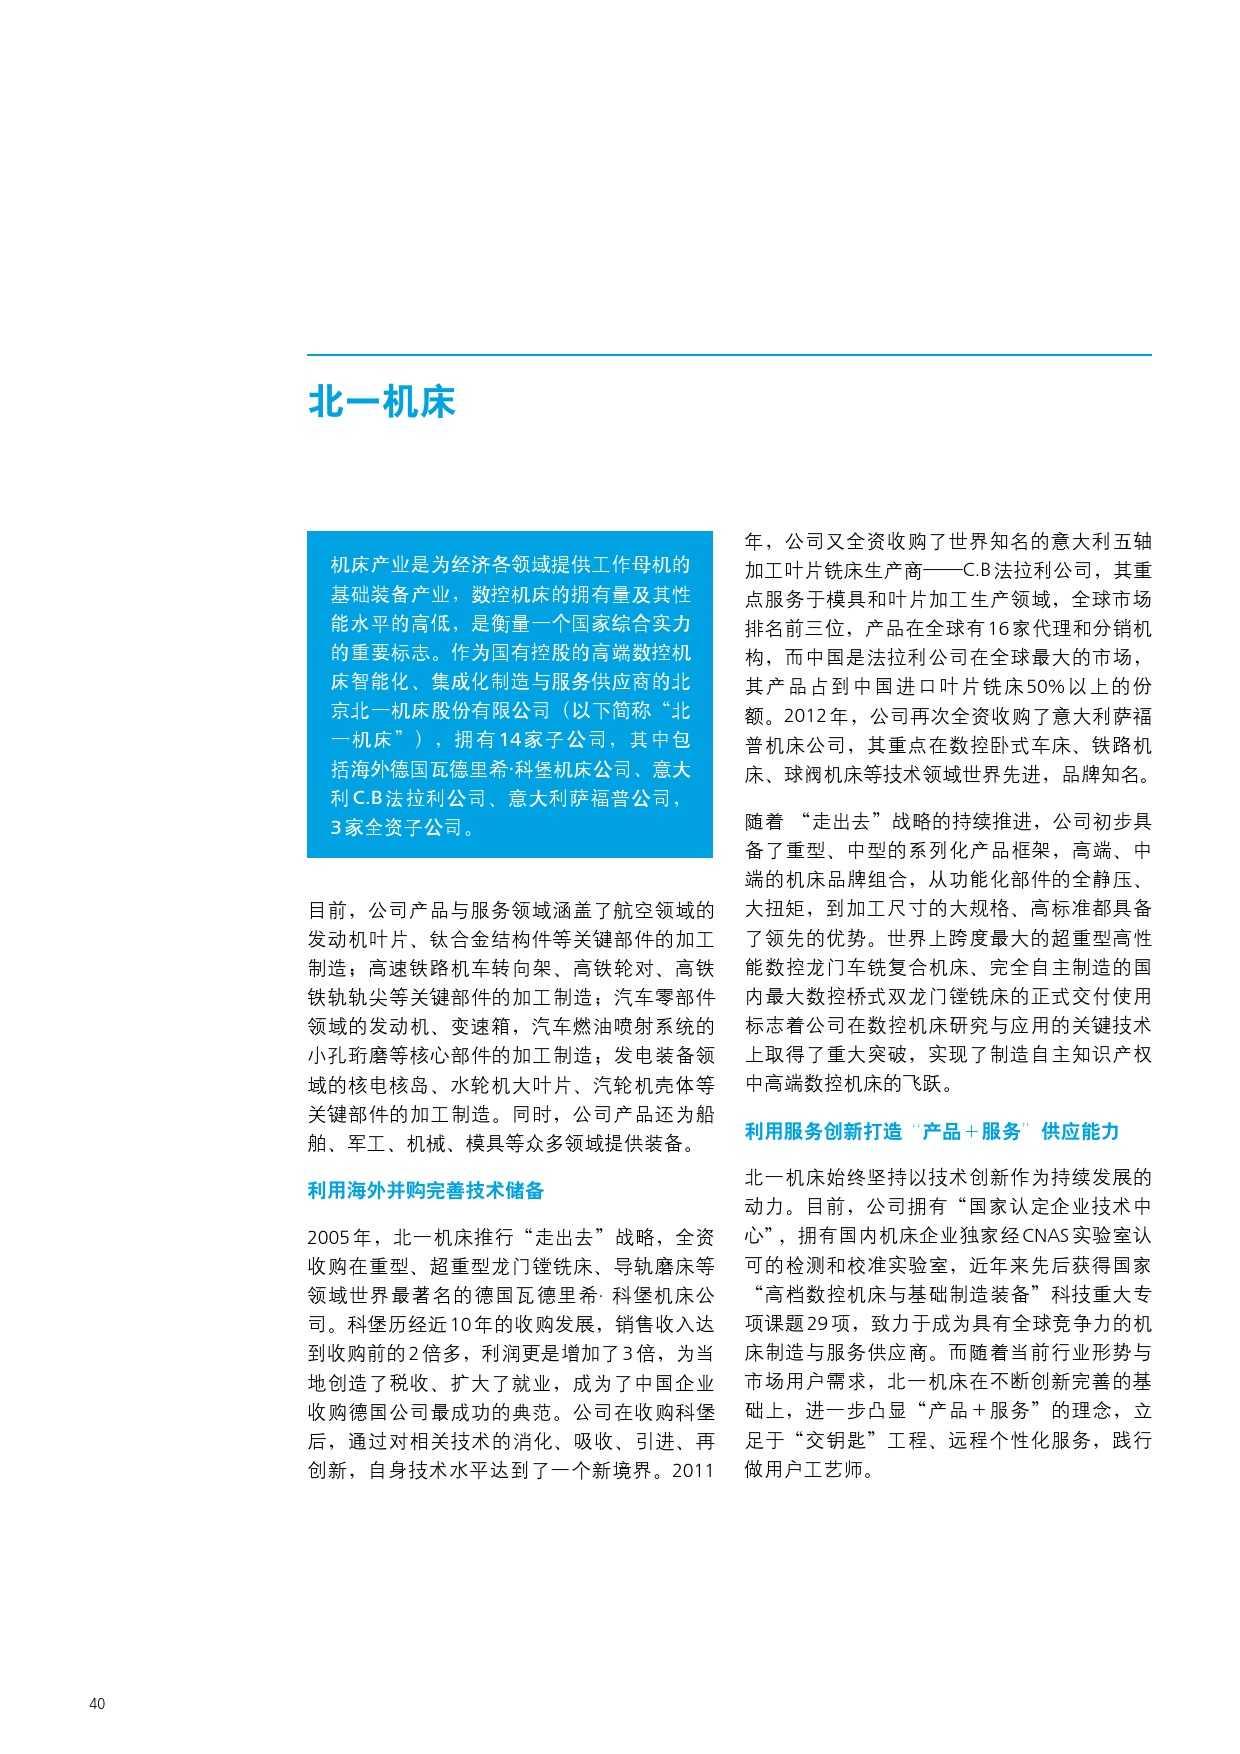 2015年中国制造业企业信息化调查_000042